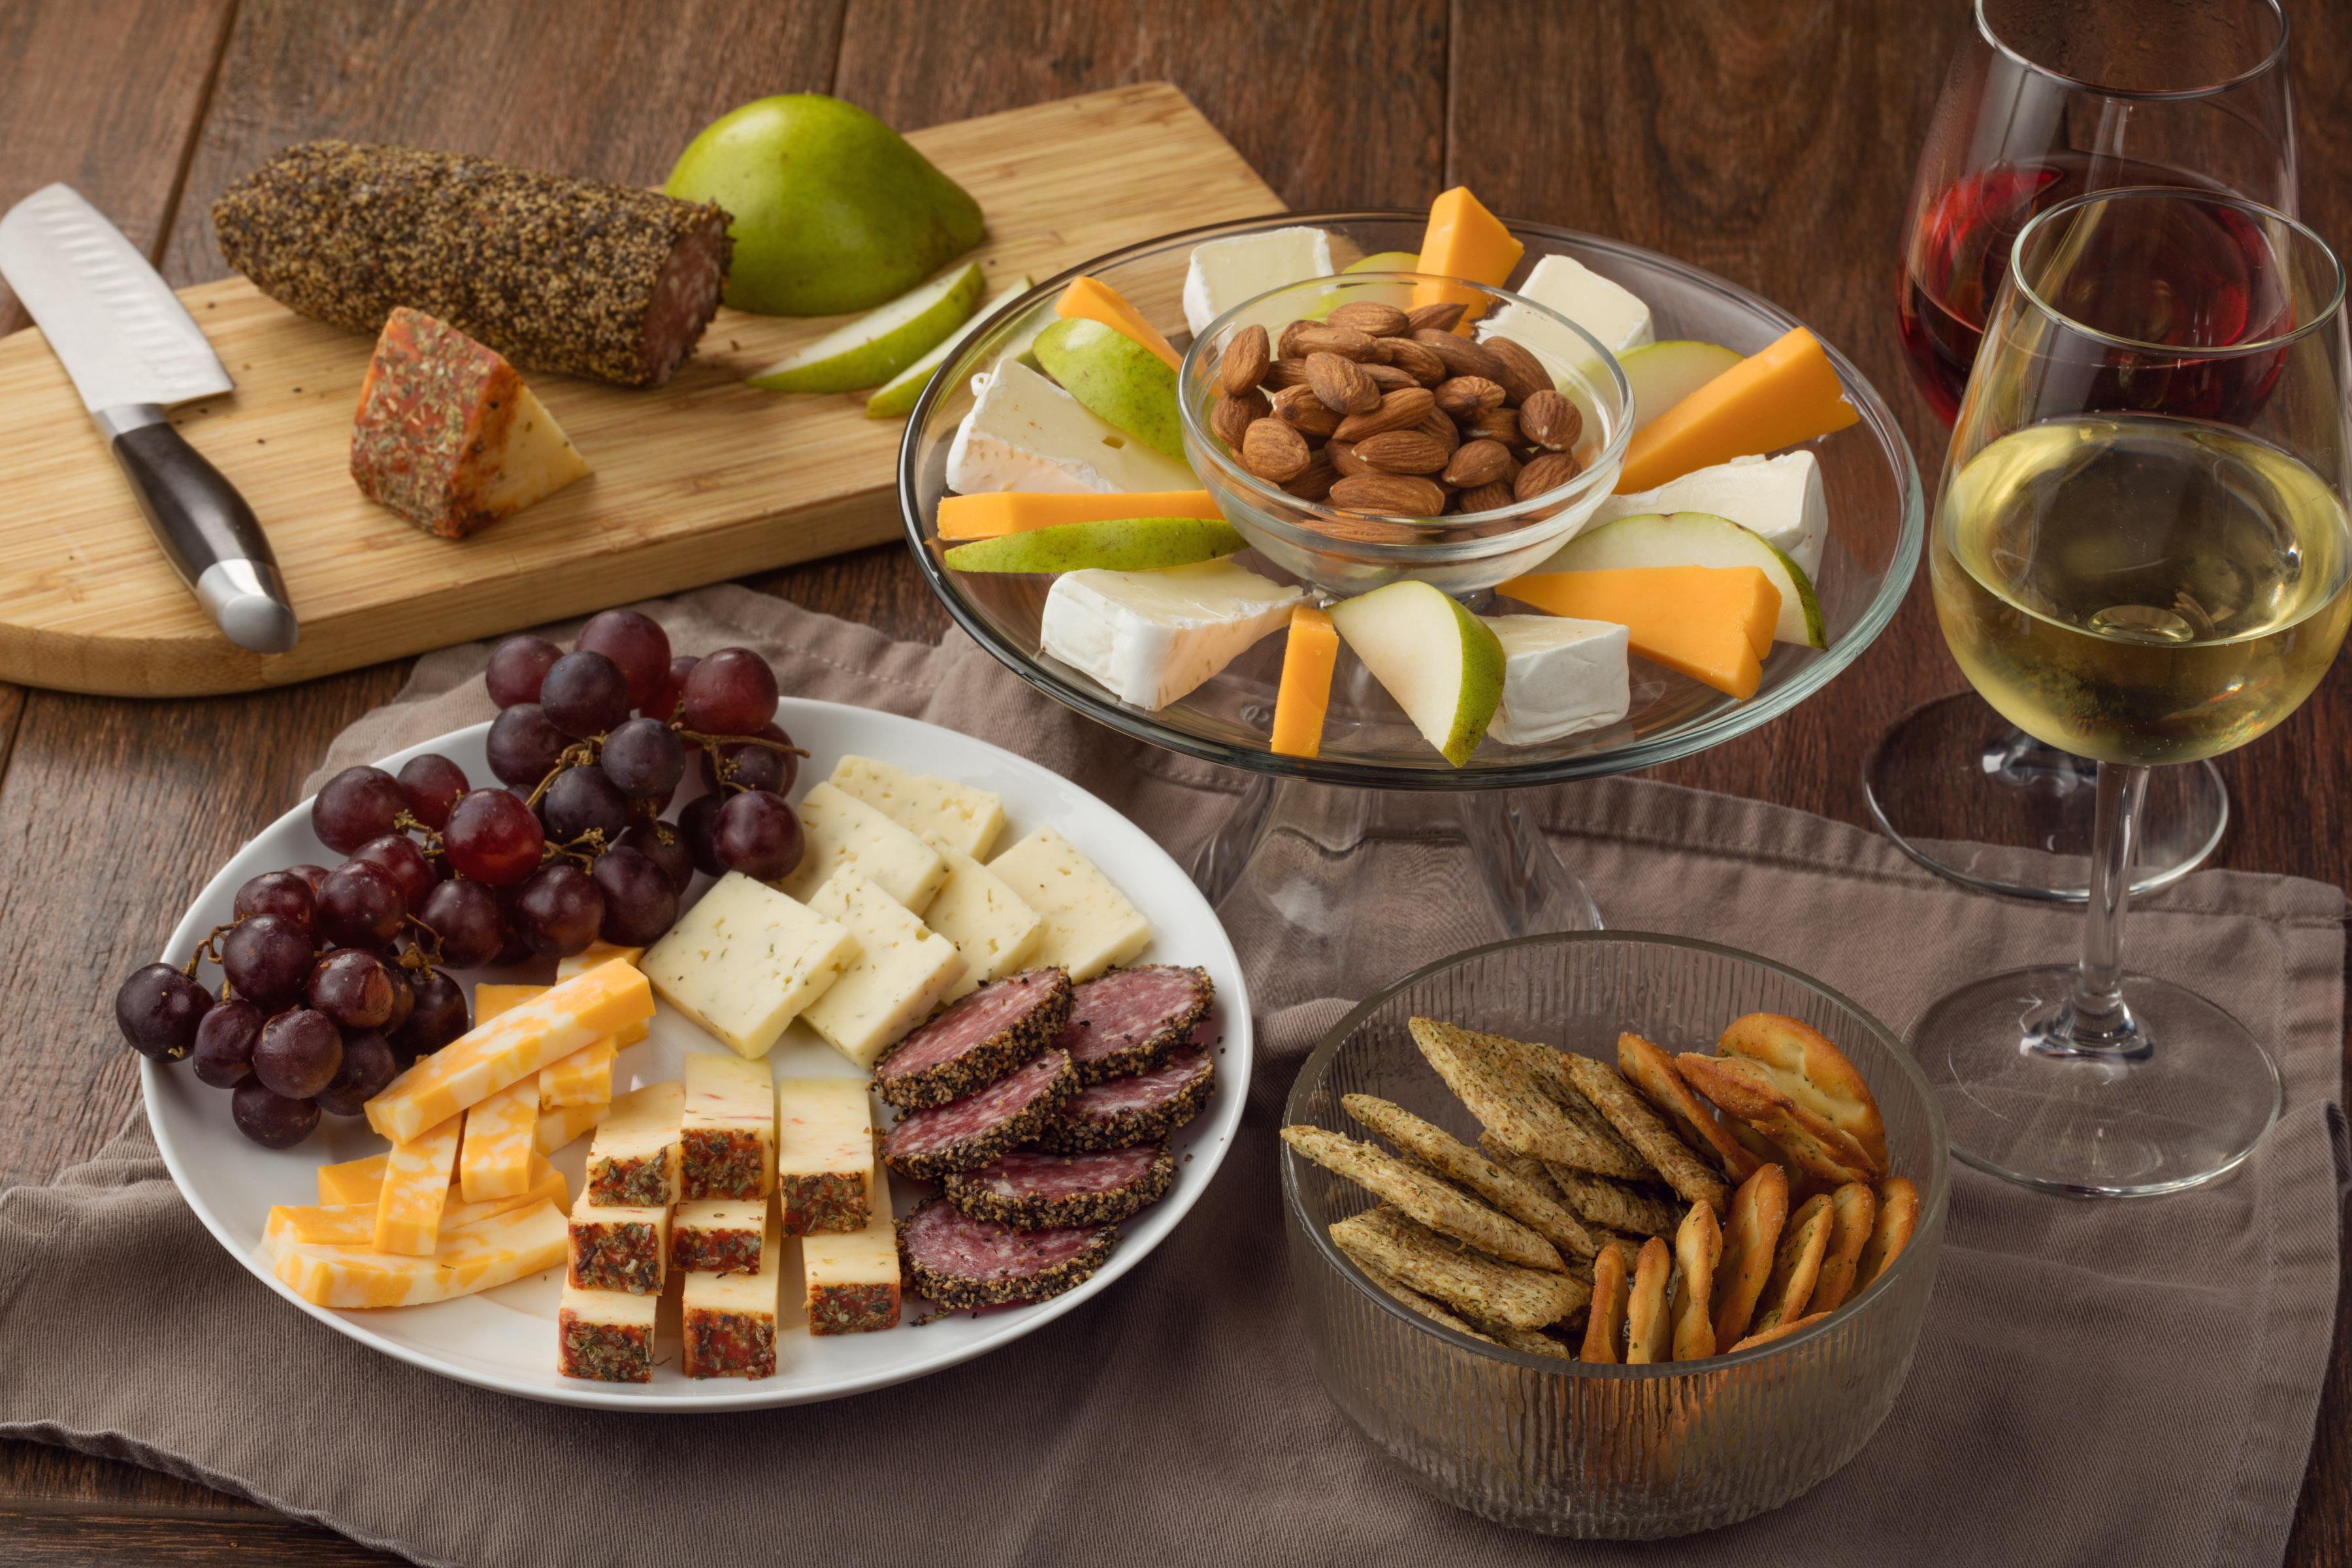 Aldrich Food 31 - Aldrich Guesthouse